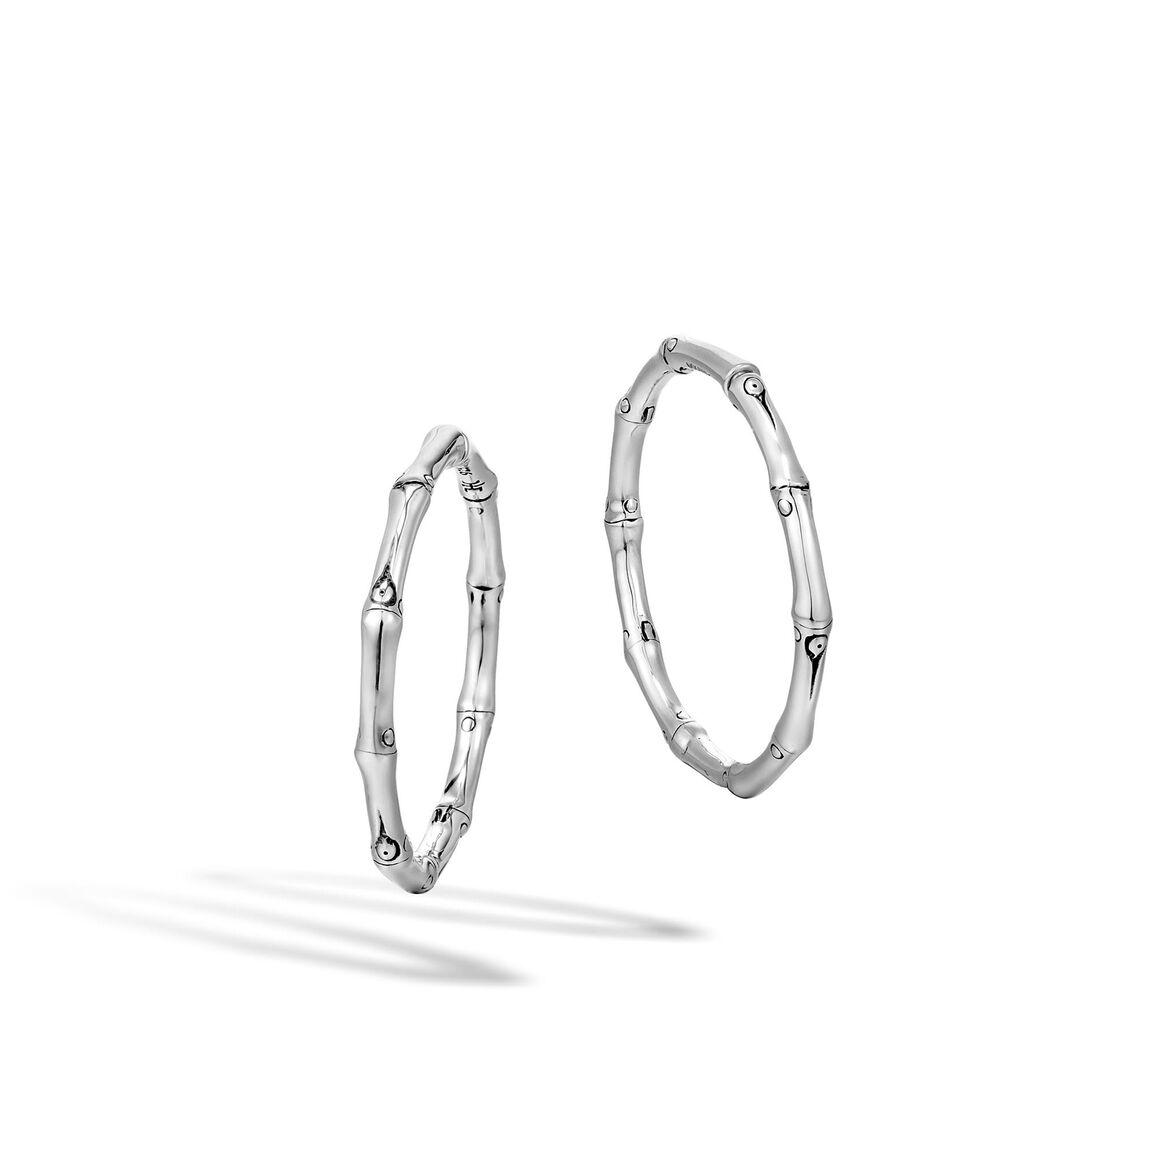 Bamboo Medium Hoop Earring in Silver